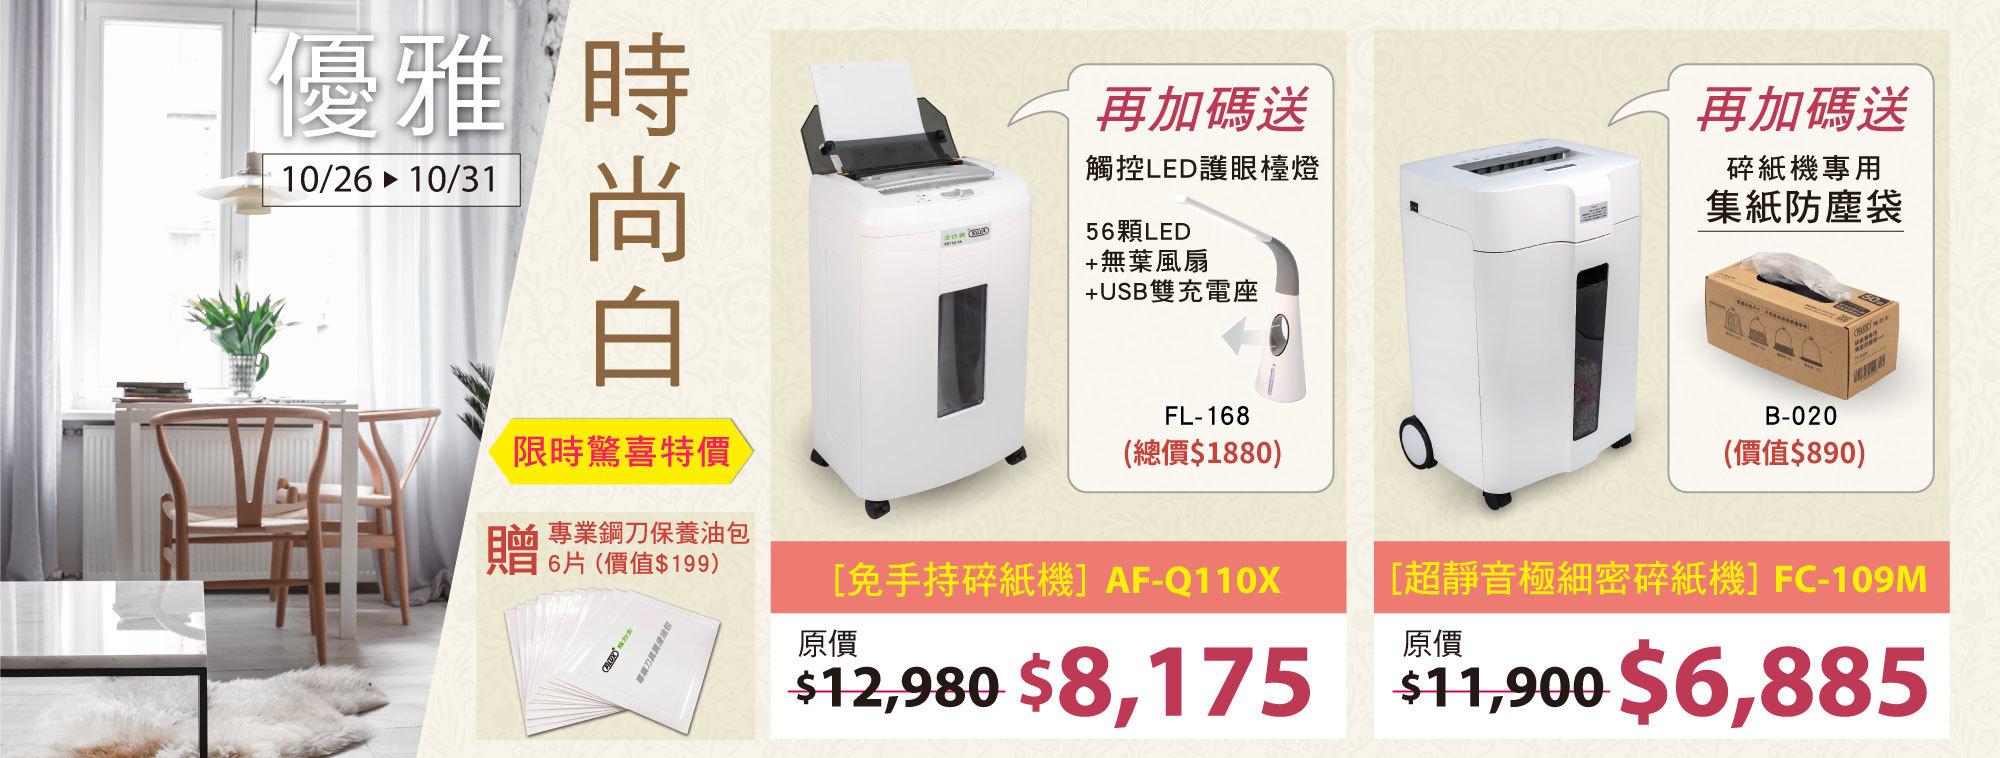 白色碎紙機特惠AF-Q110X+FC-109M